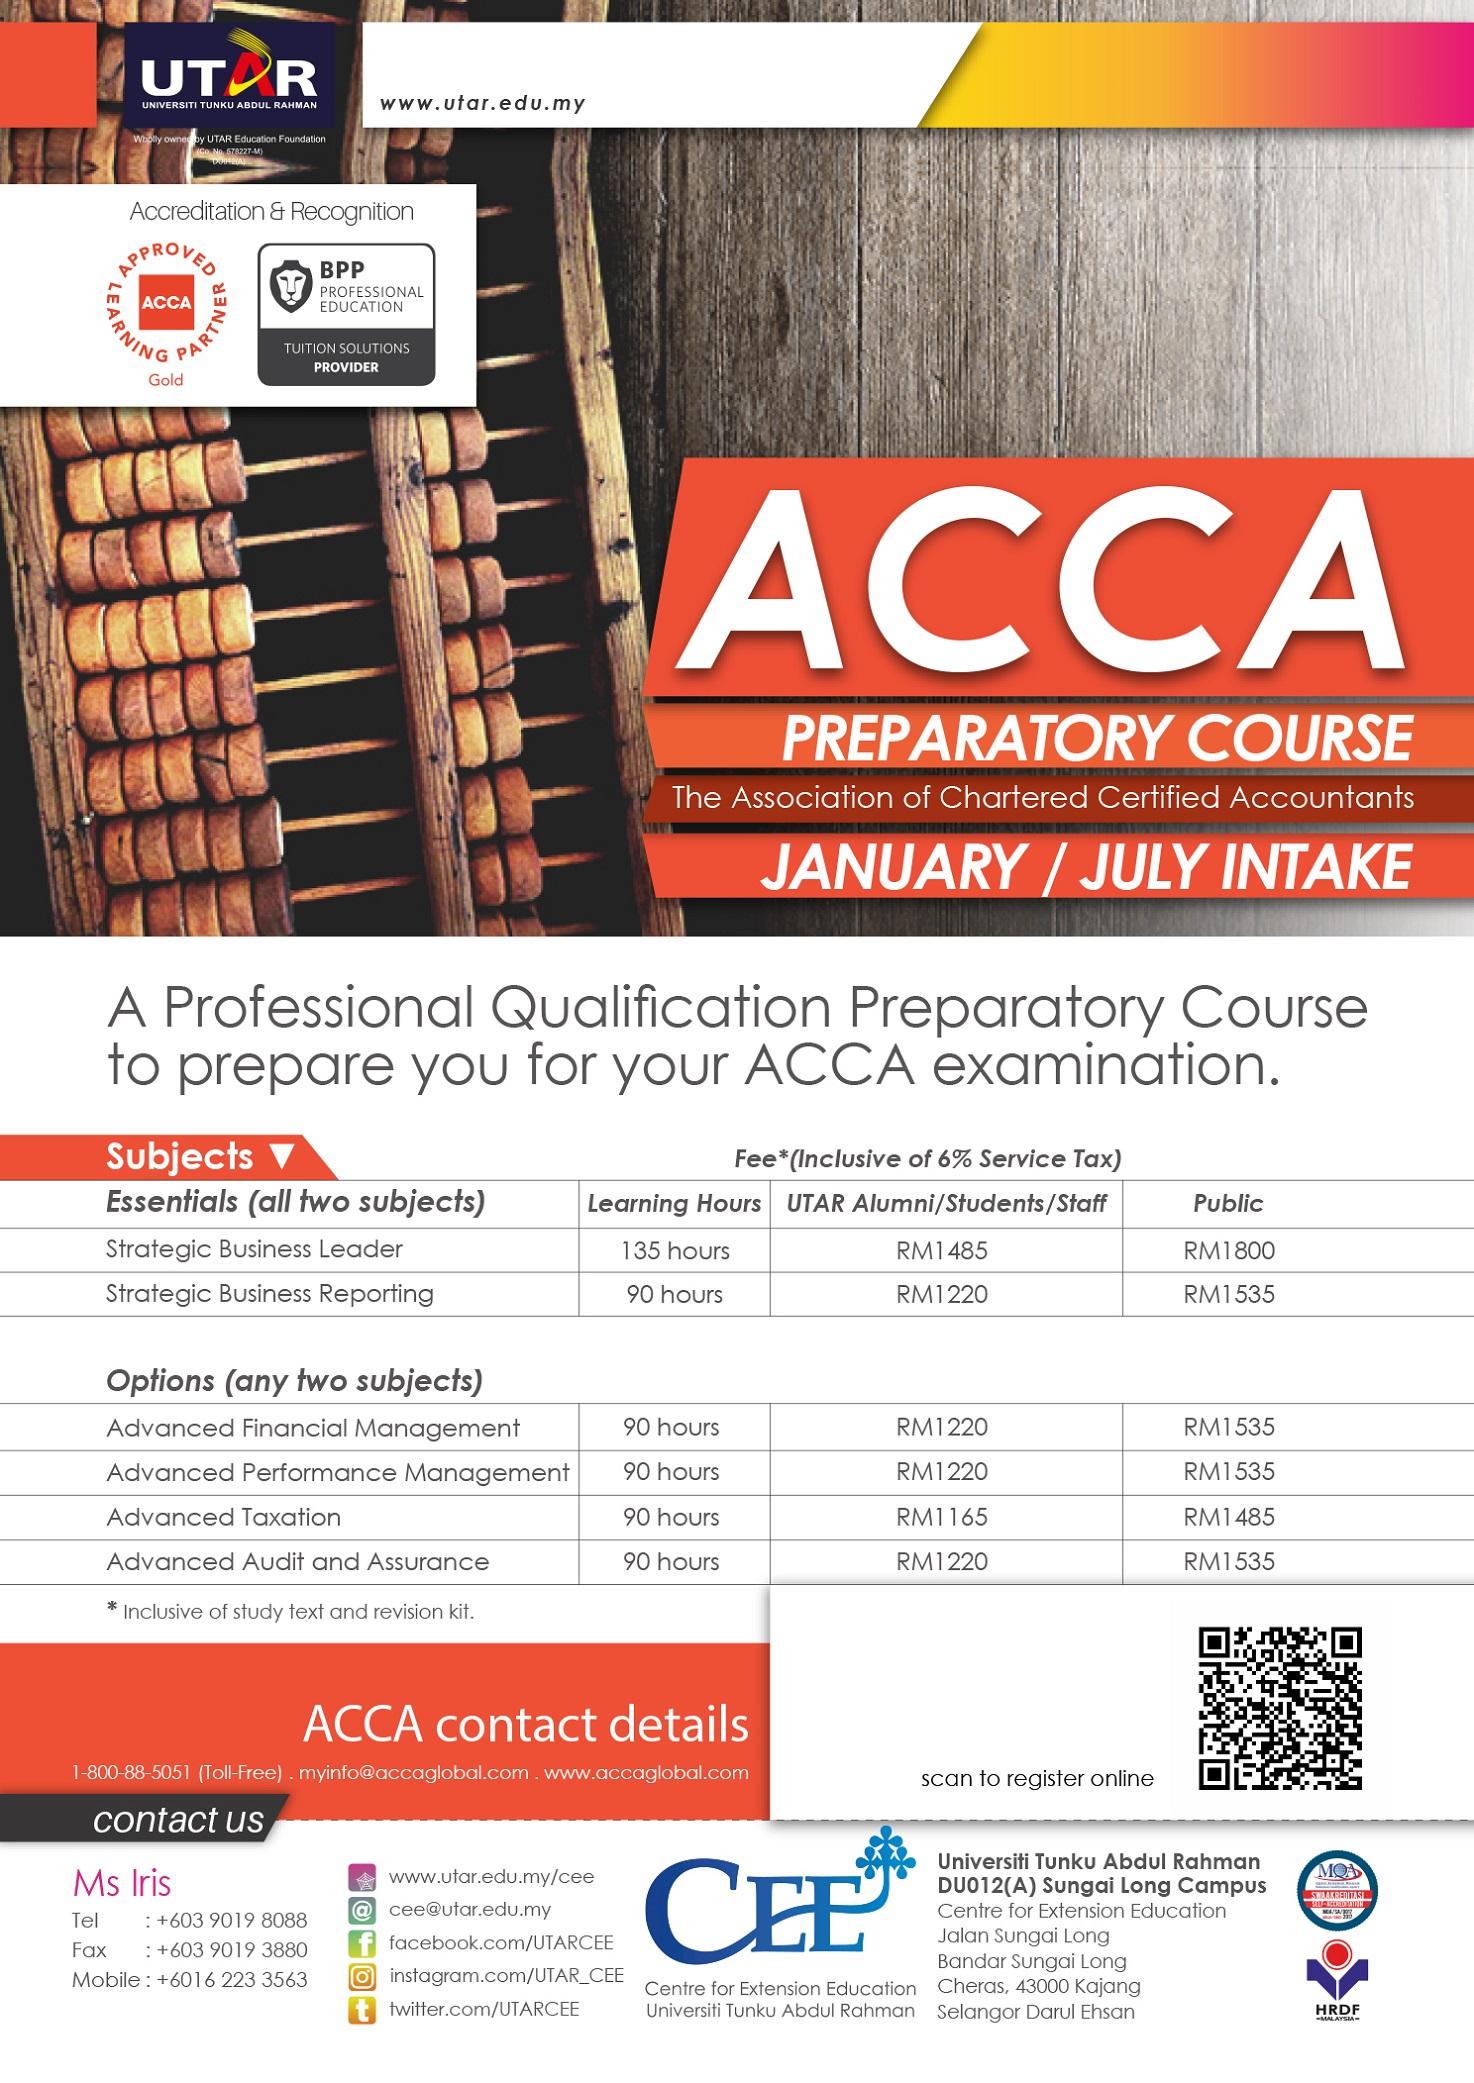 ACCA Preparatory Course